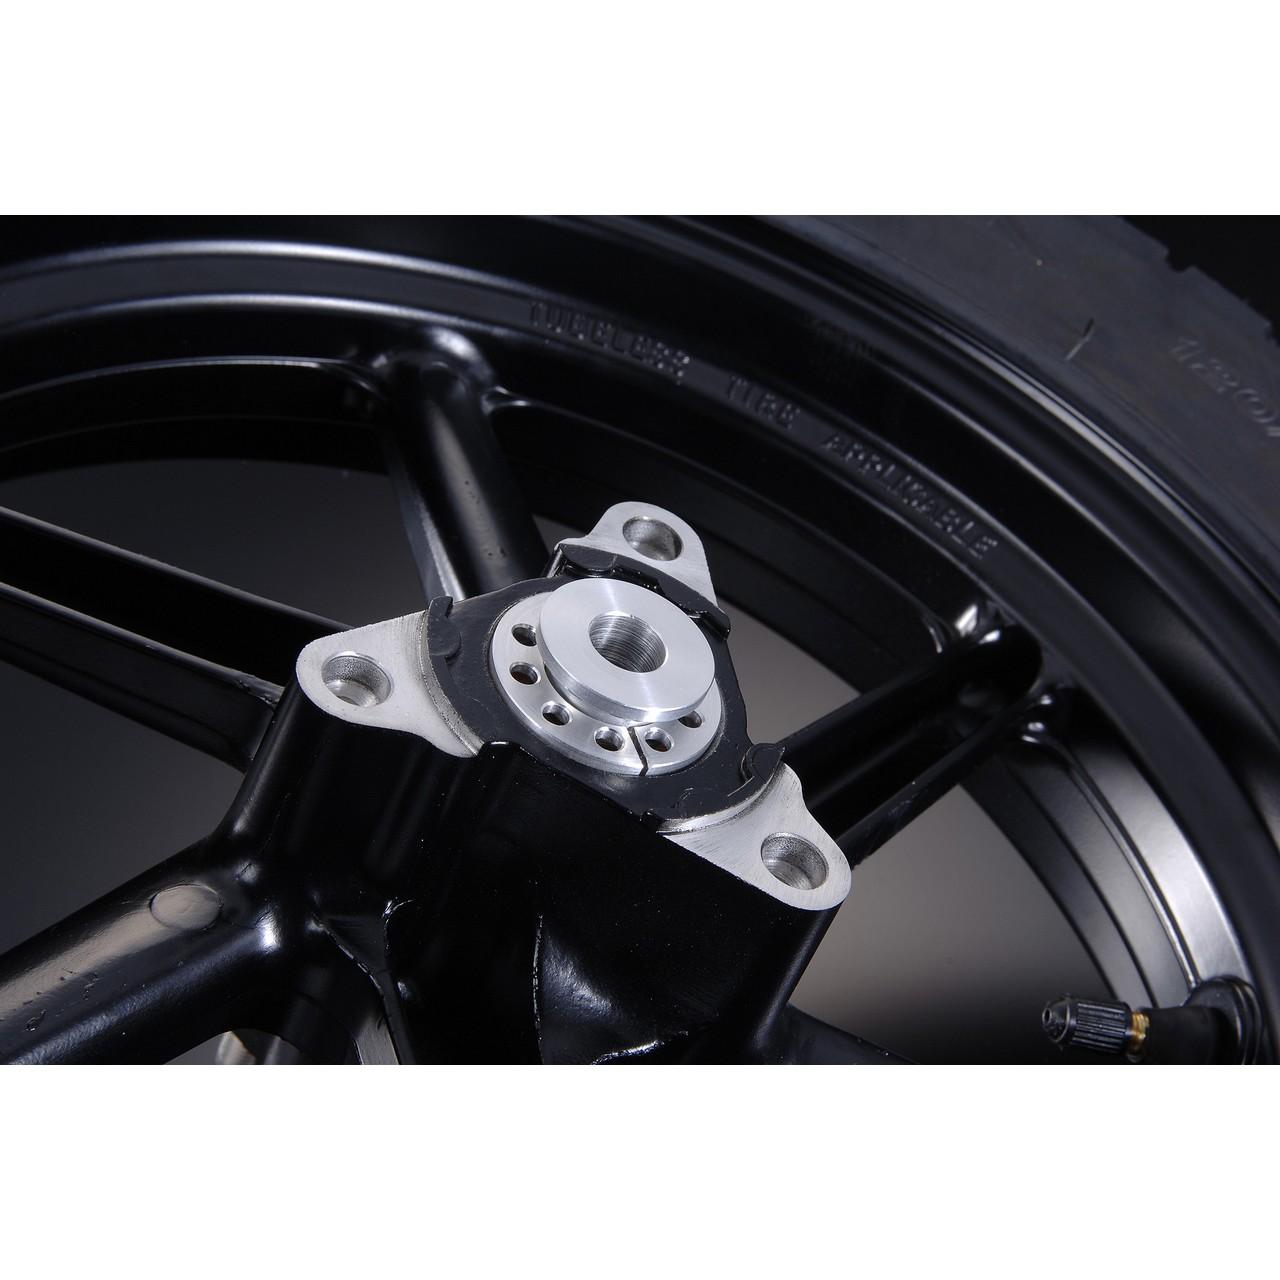 【G-Craft】NSR輪框用 輪軸襯套 (耐久型式 後輪框 3輻輪框用) - 「Webike-摩托百貨」